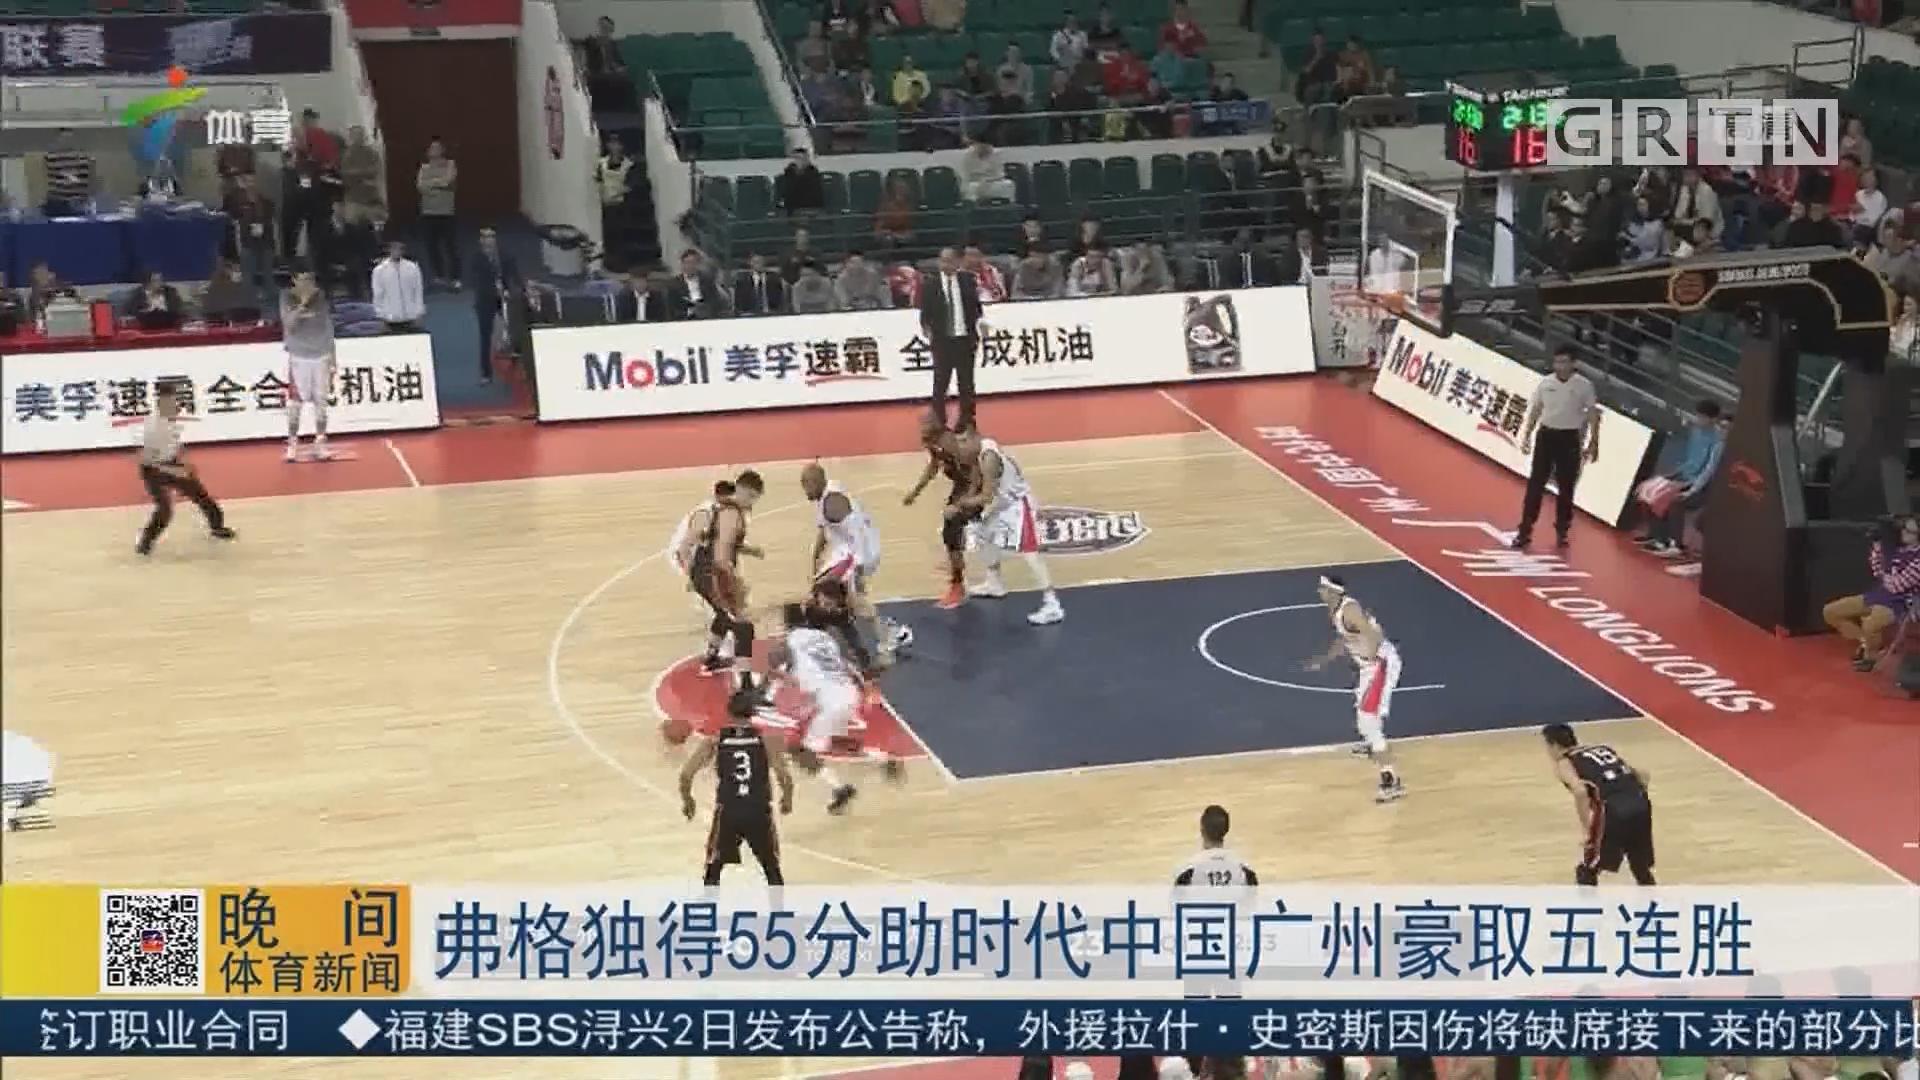 弗格独得55分助时代中国广州豪取五连胜